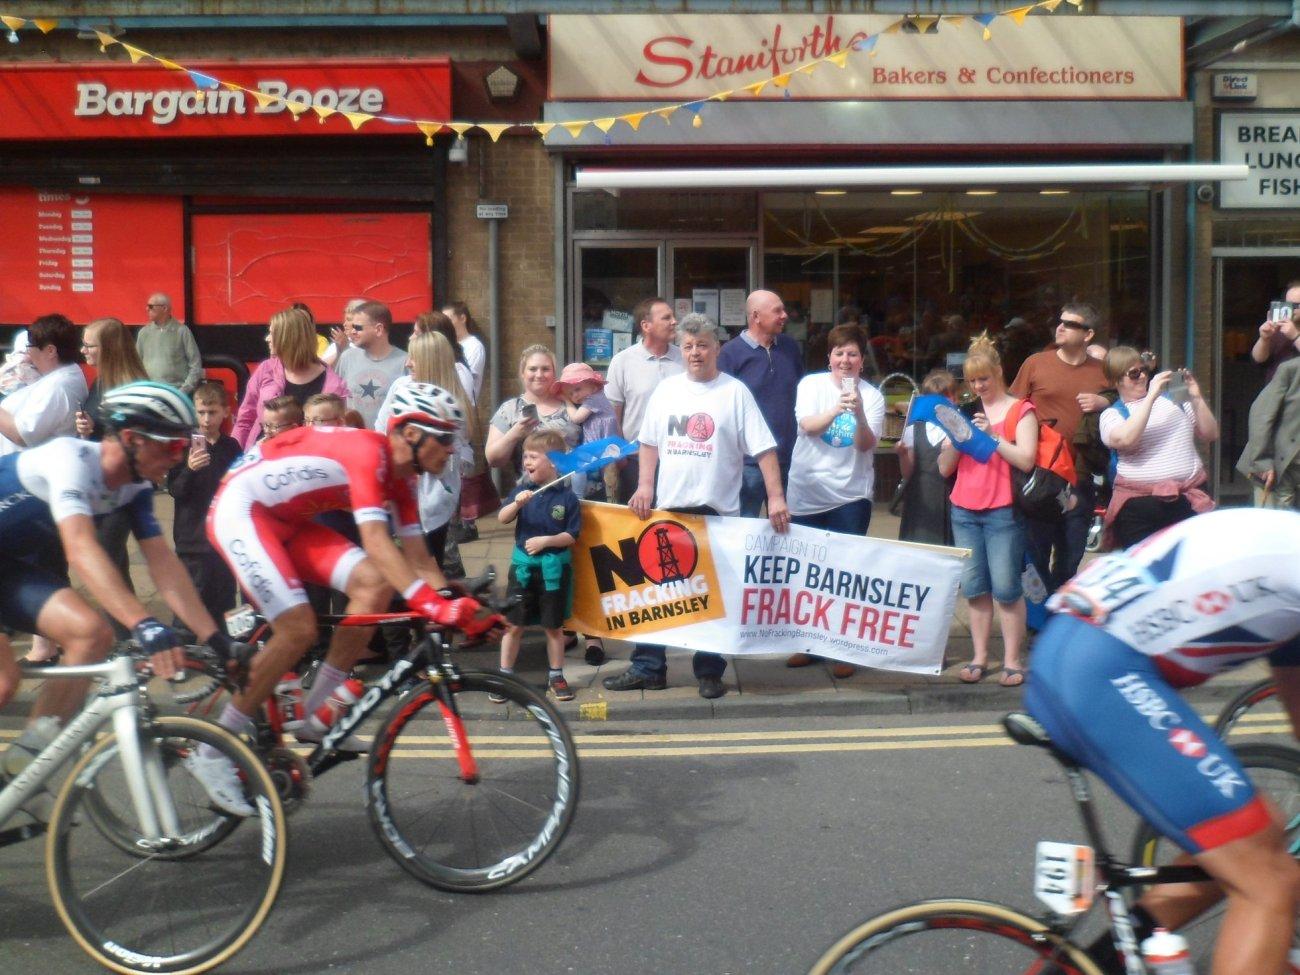 180507 Tour de Yorkshire Barnsley Stephen Bacon